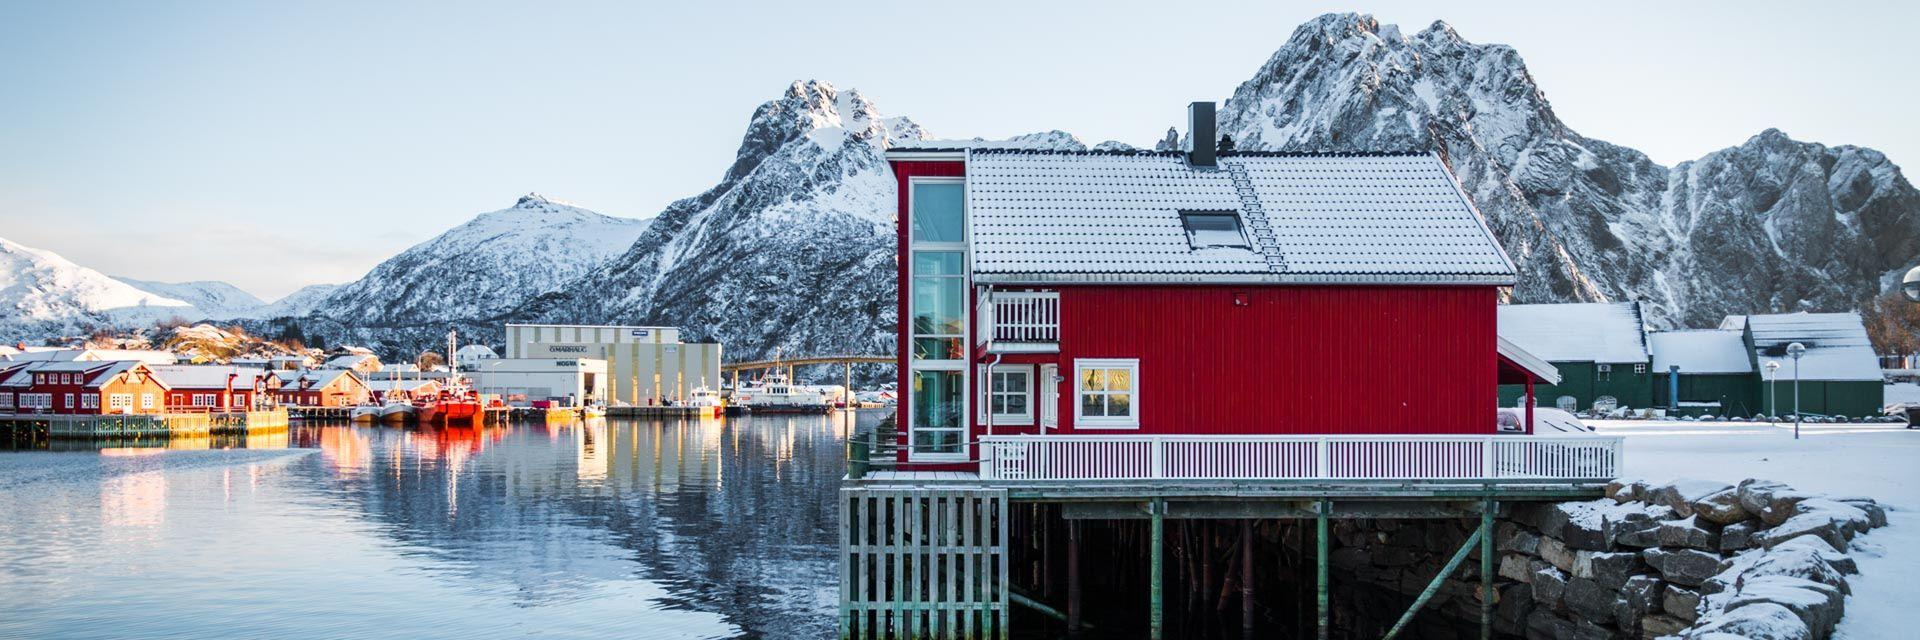 Unterkunft Fuer Skitouren Auf Den Lofoten